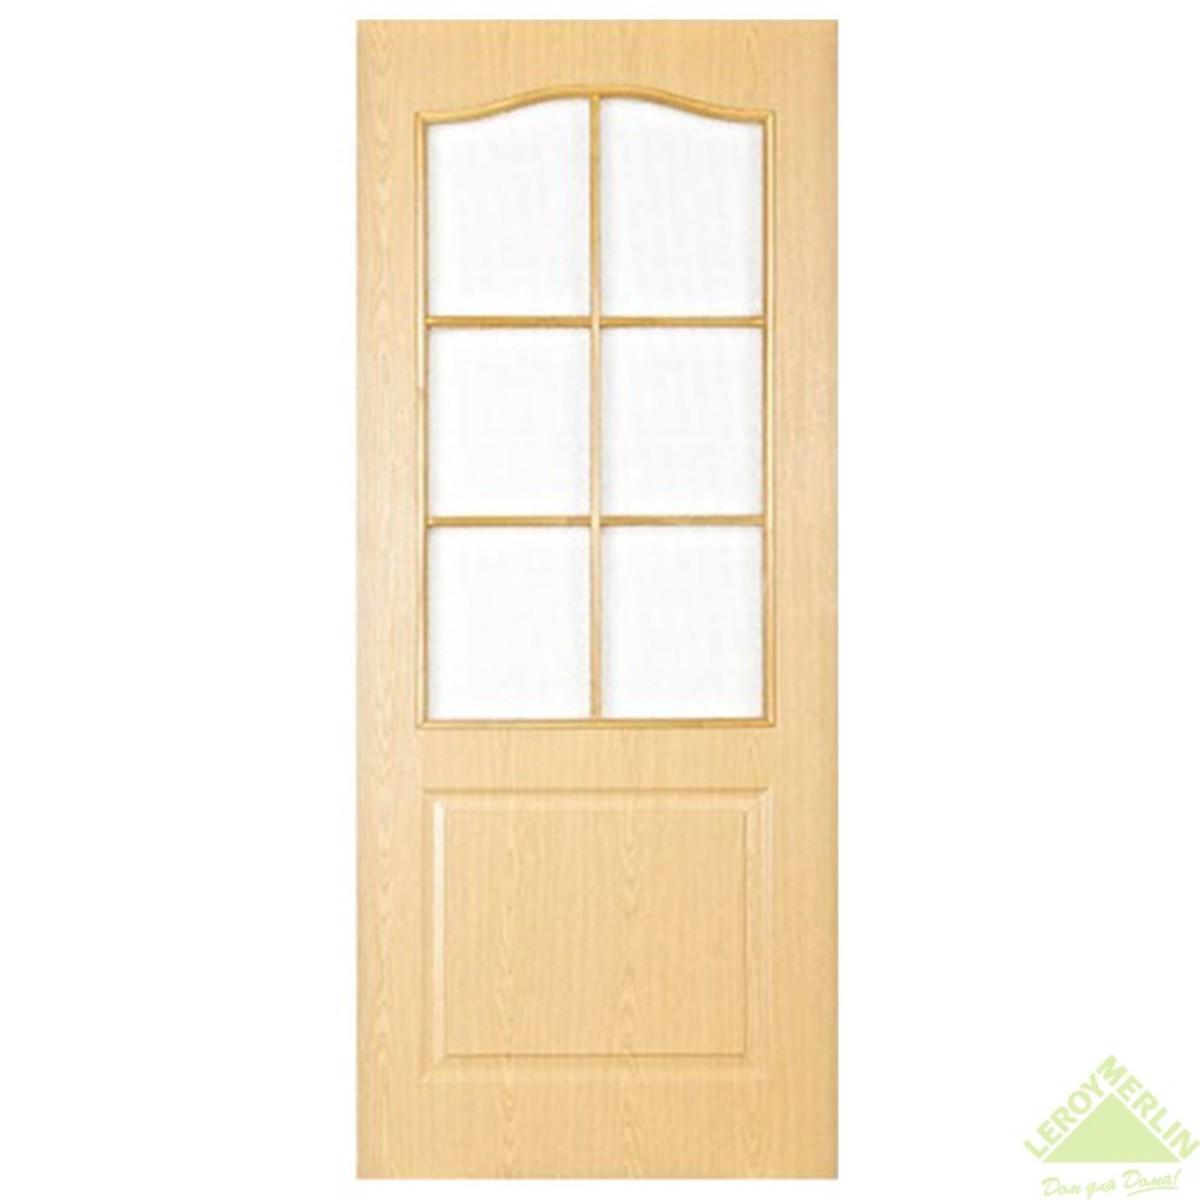 Дверь Межкомнатная Остеклённая Палитра 80x200 Ламинация Цвет Дуб